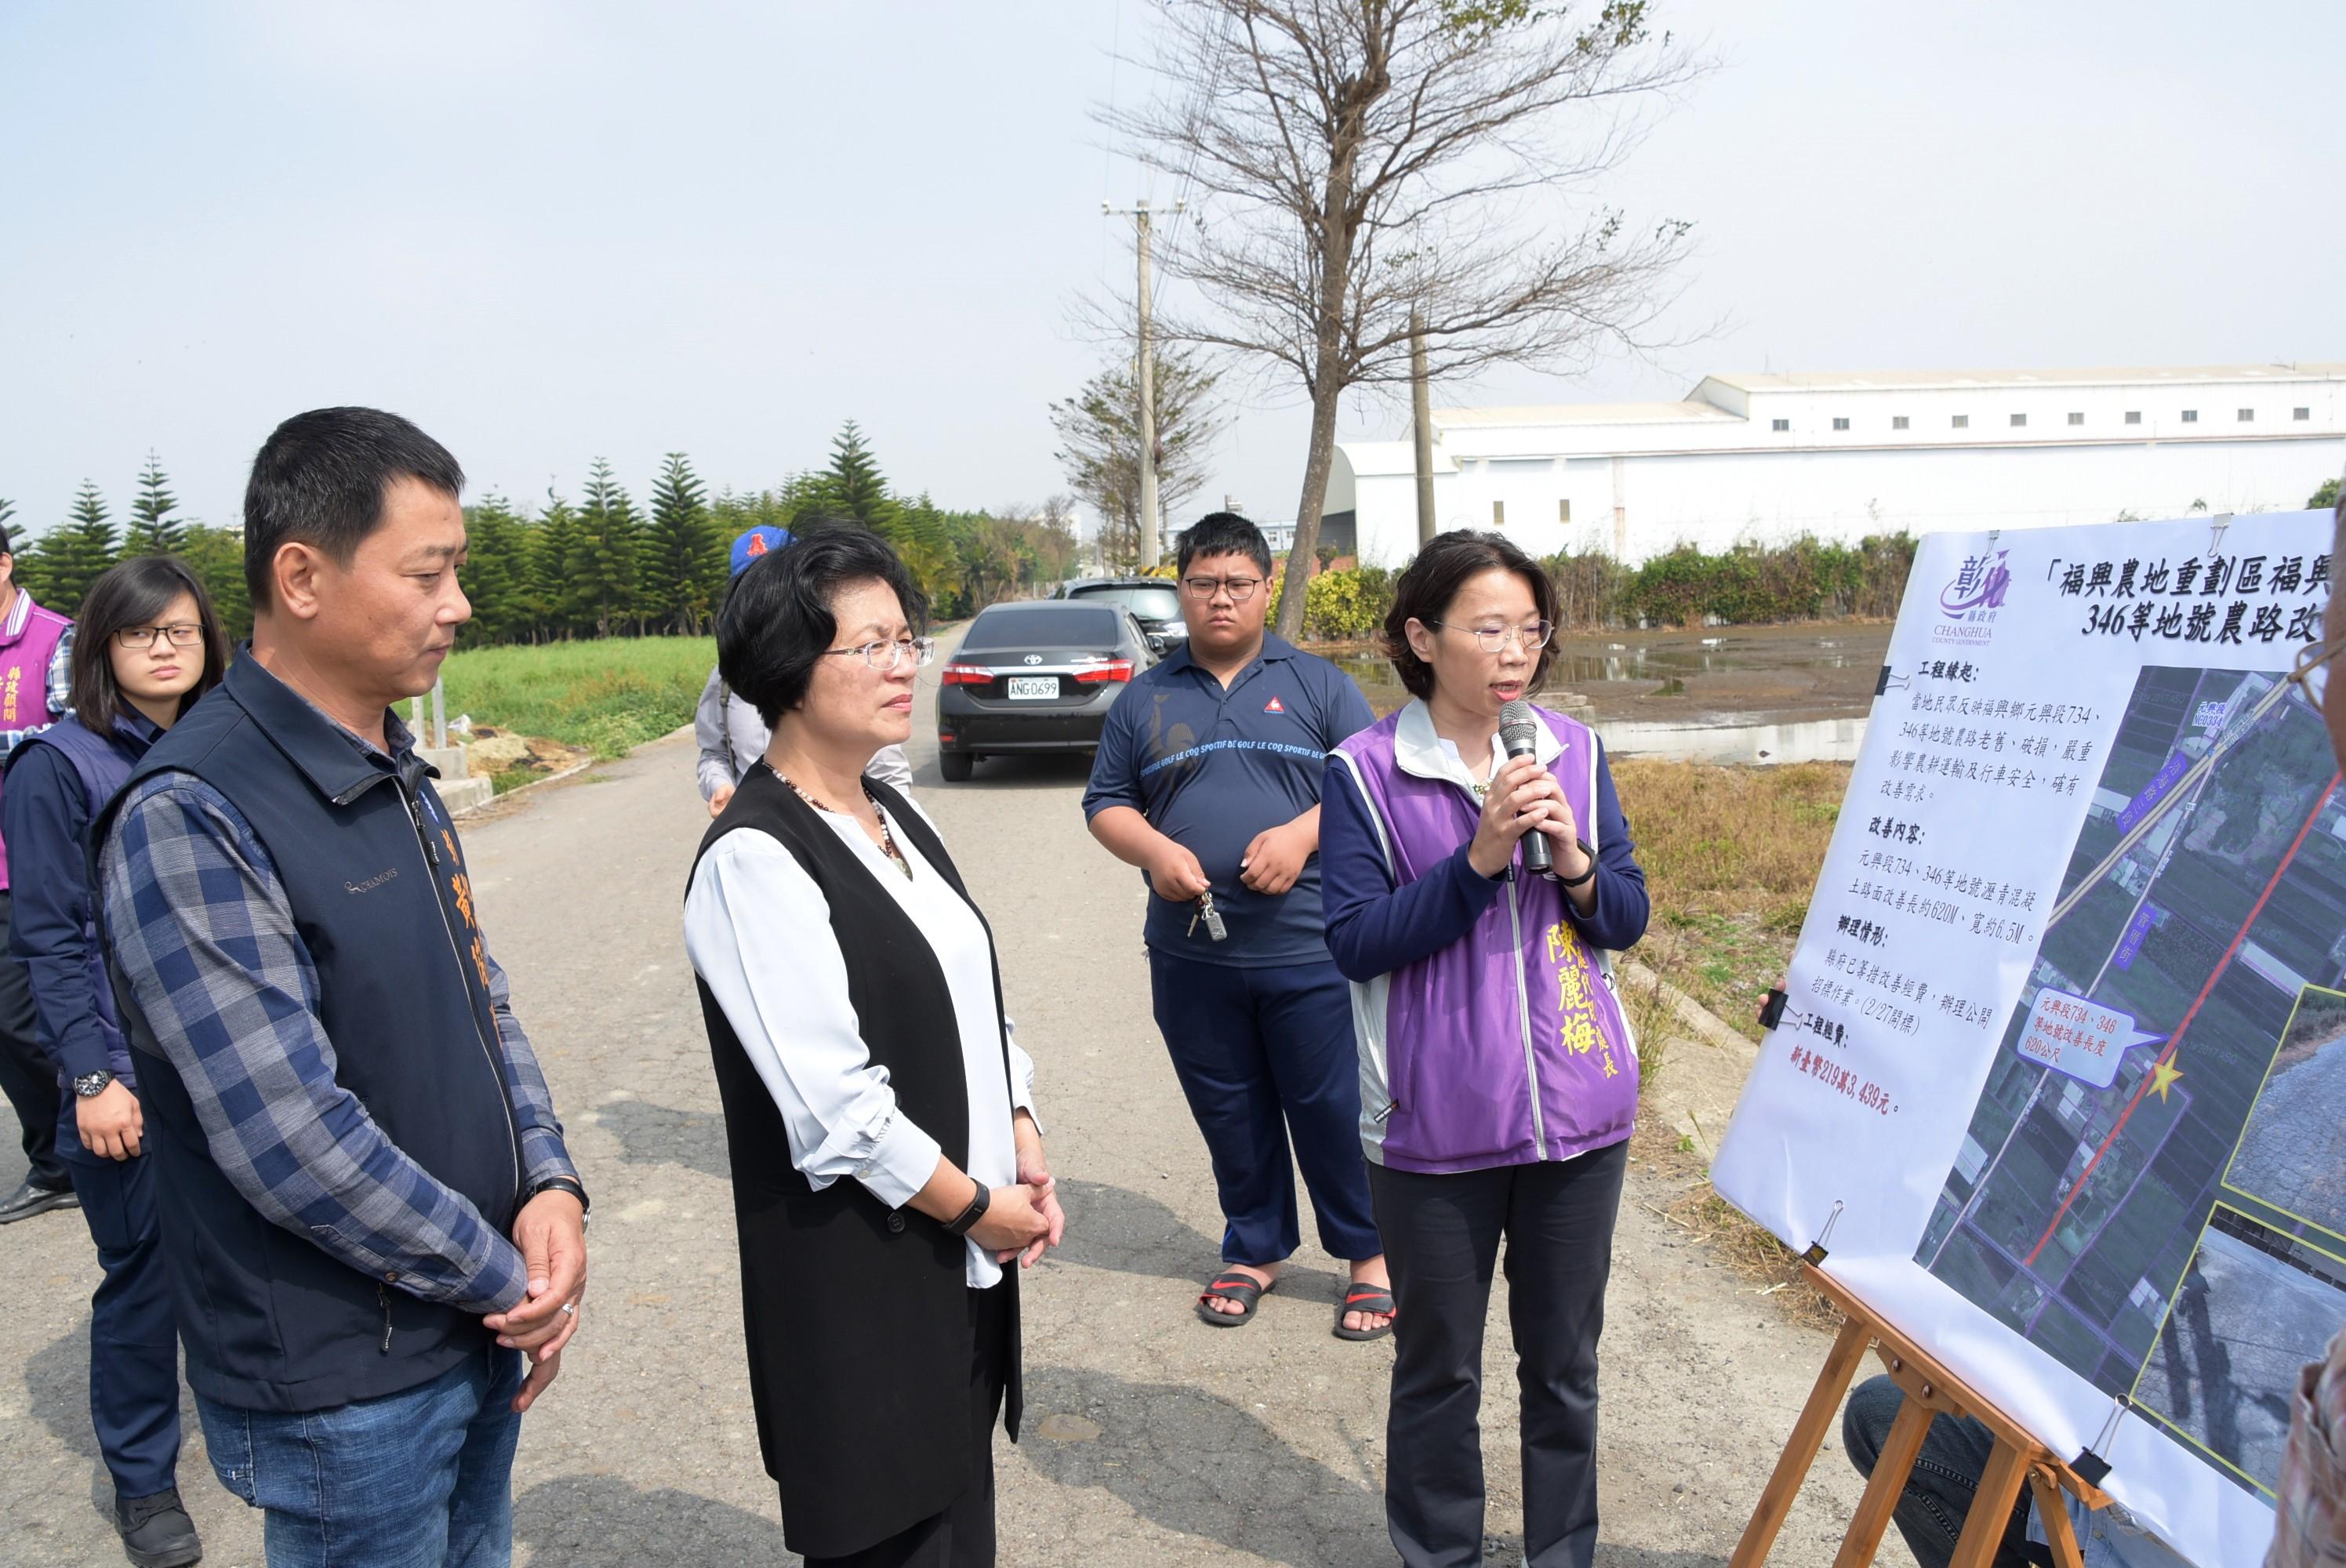 農民及農產運輸行的安全 王縣長視察福興鄉農地重劃區亟待改善農路